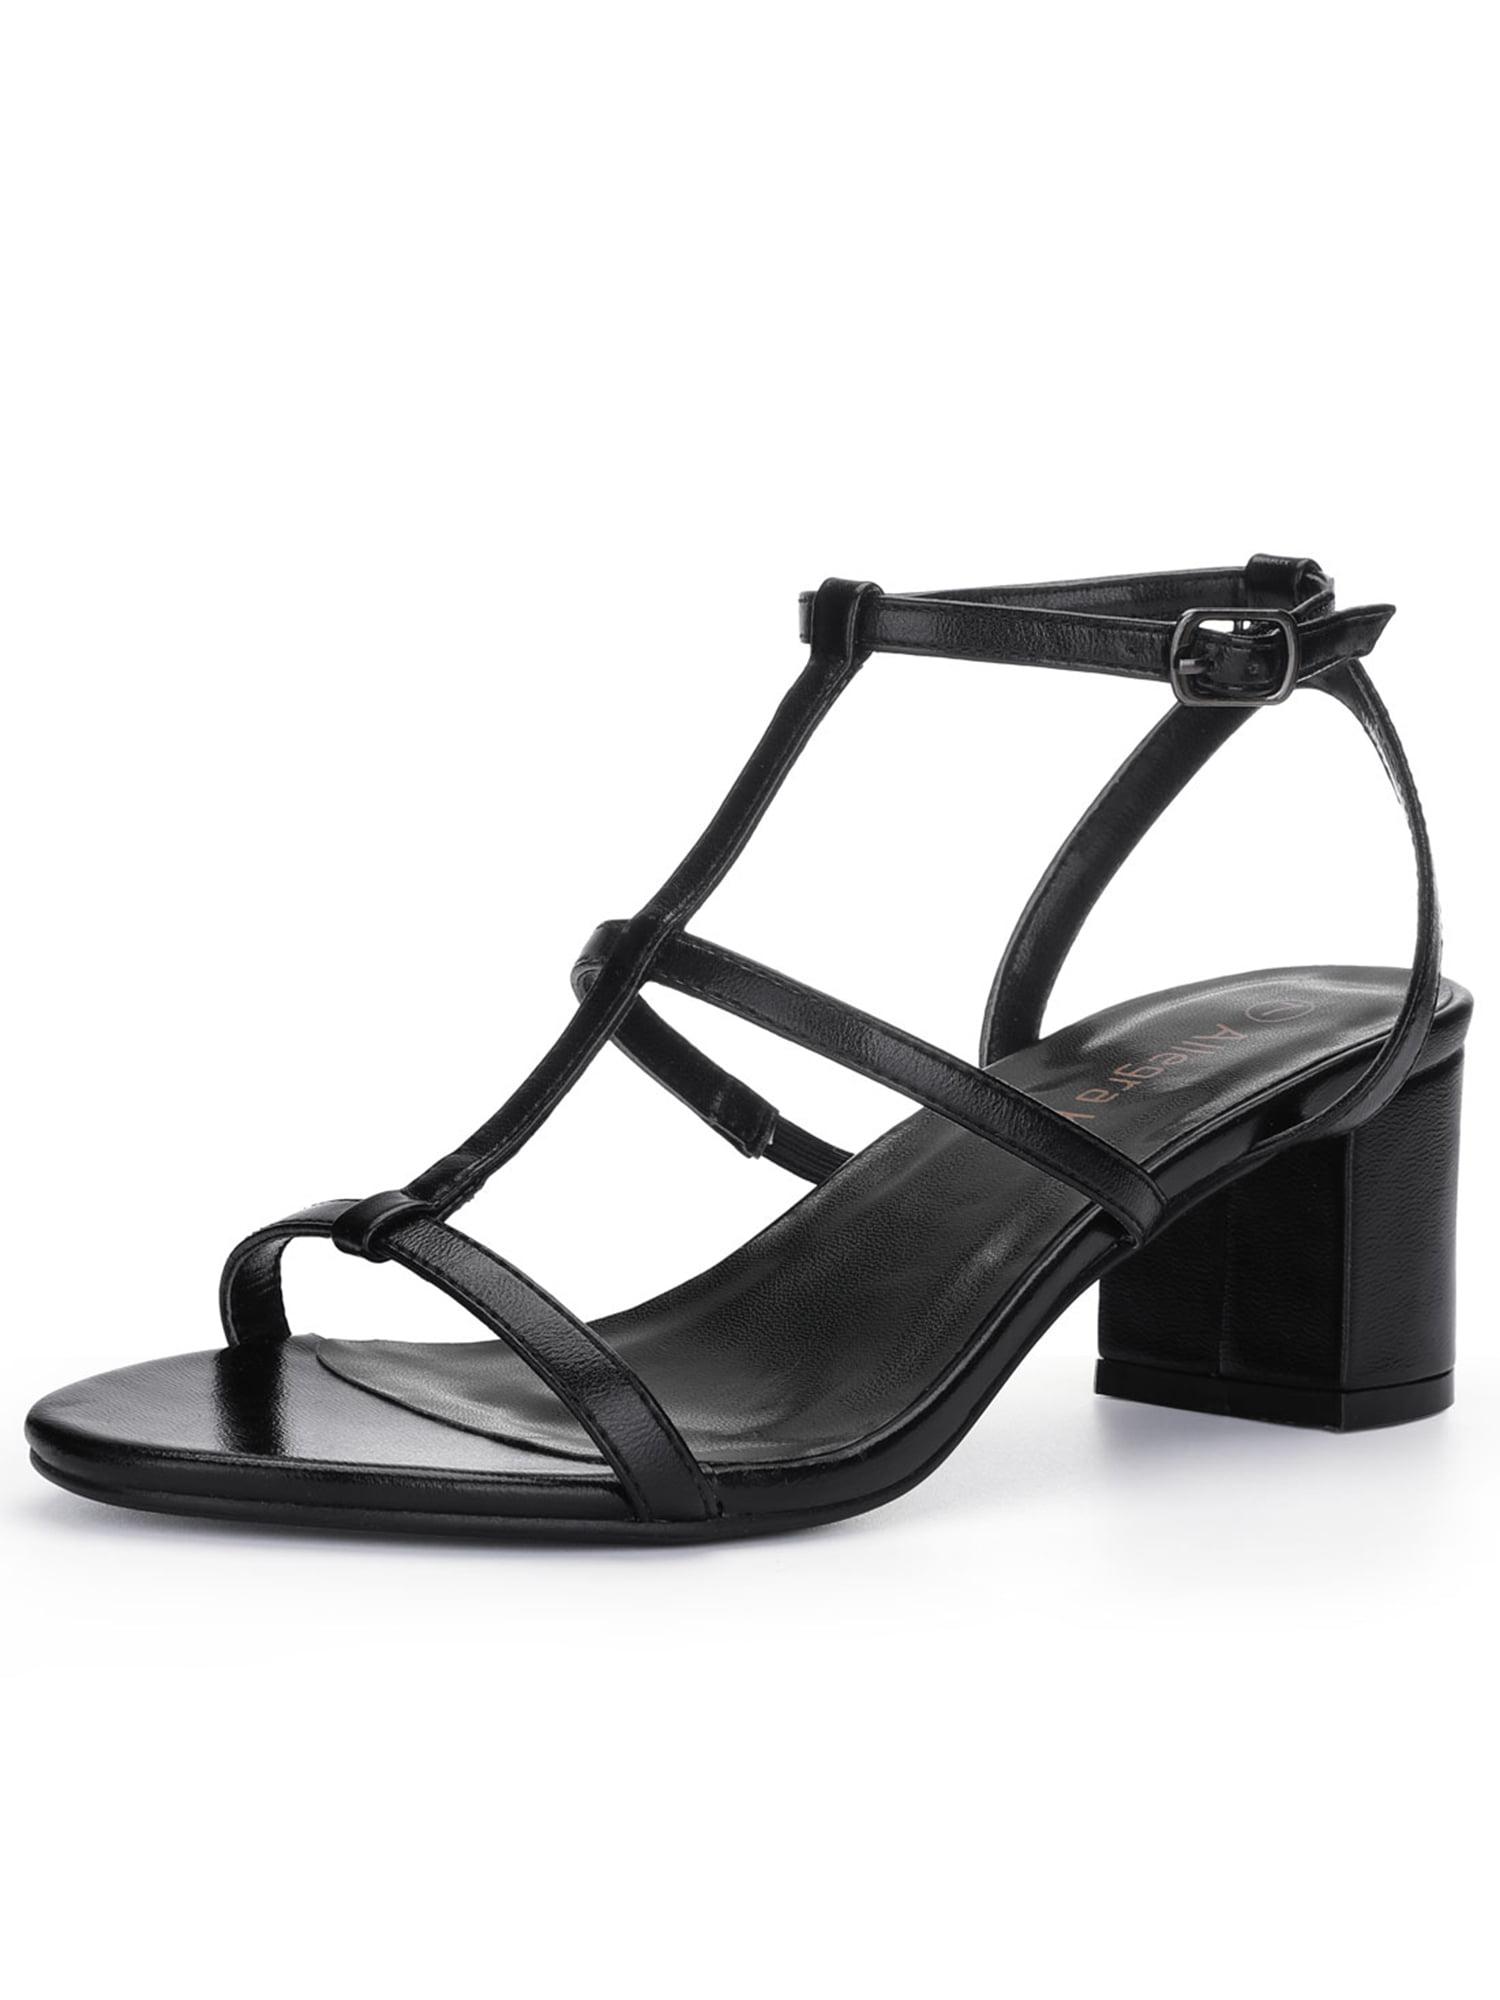 Unique Bargains Women s Cutout Mid Block Heel T-Strap Sandals Black 568b09649